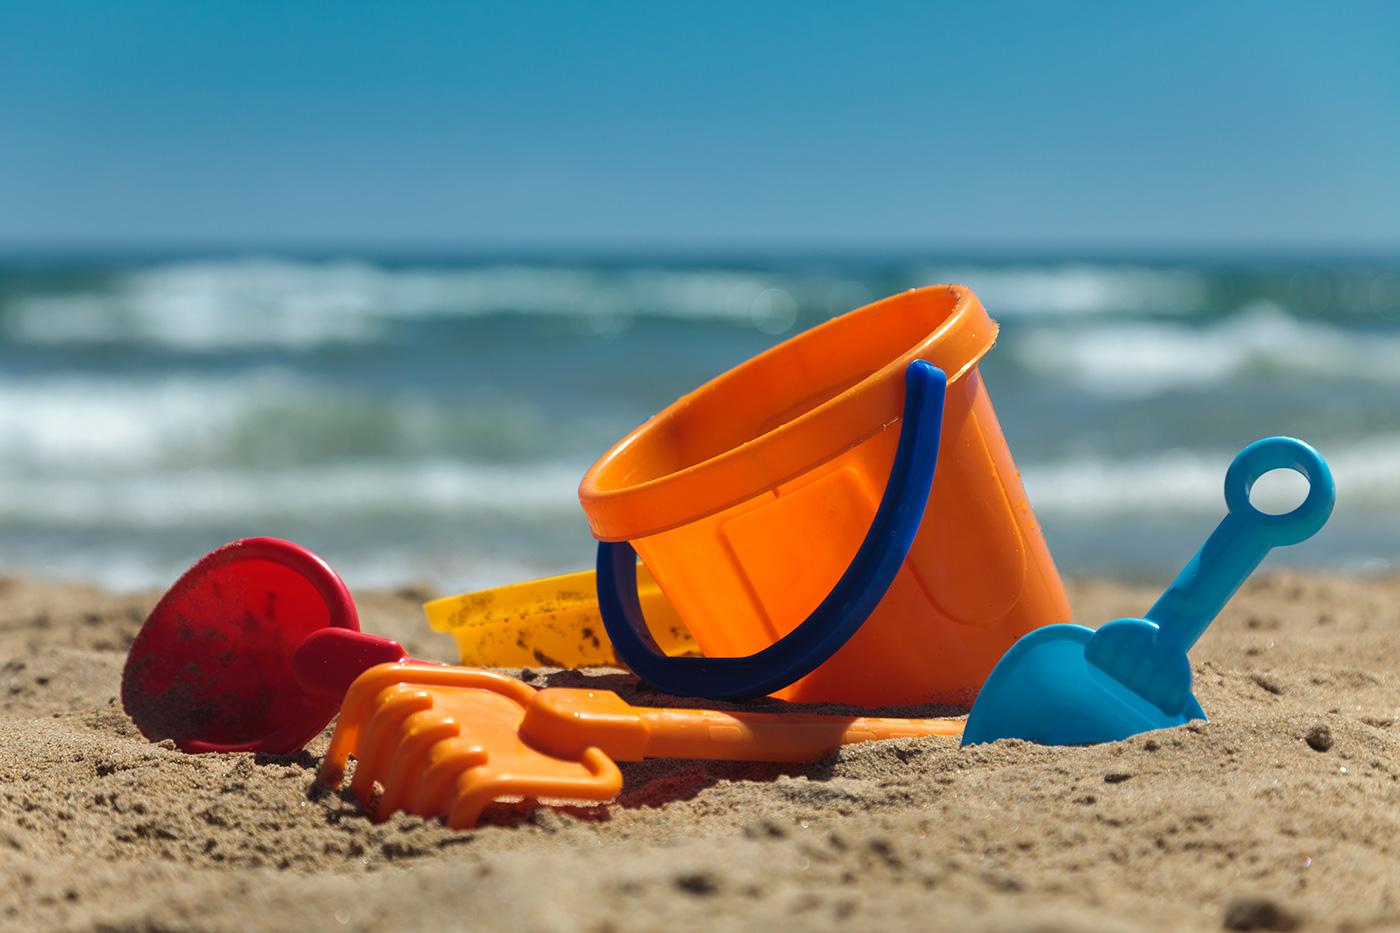 El Reducir En Consumo Cómo De Niños Las Plástico Familias Con bf6v7gYy